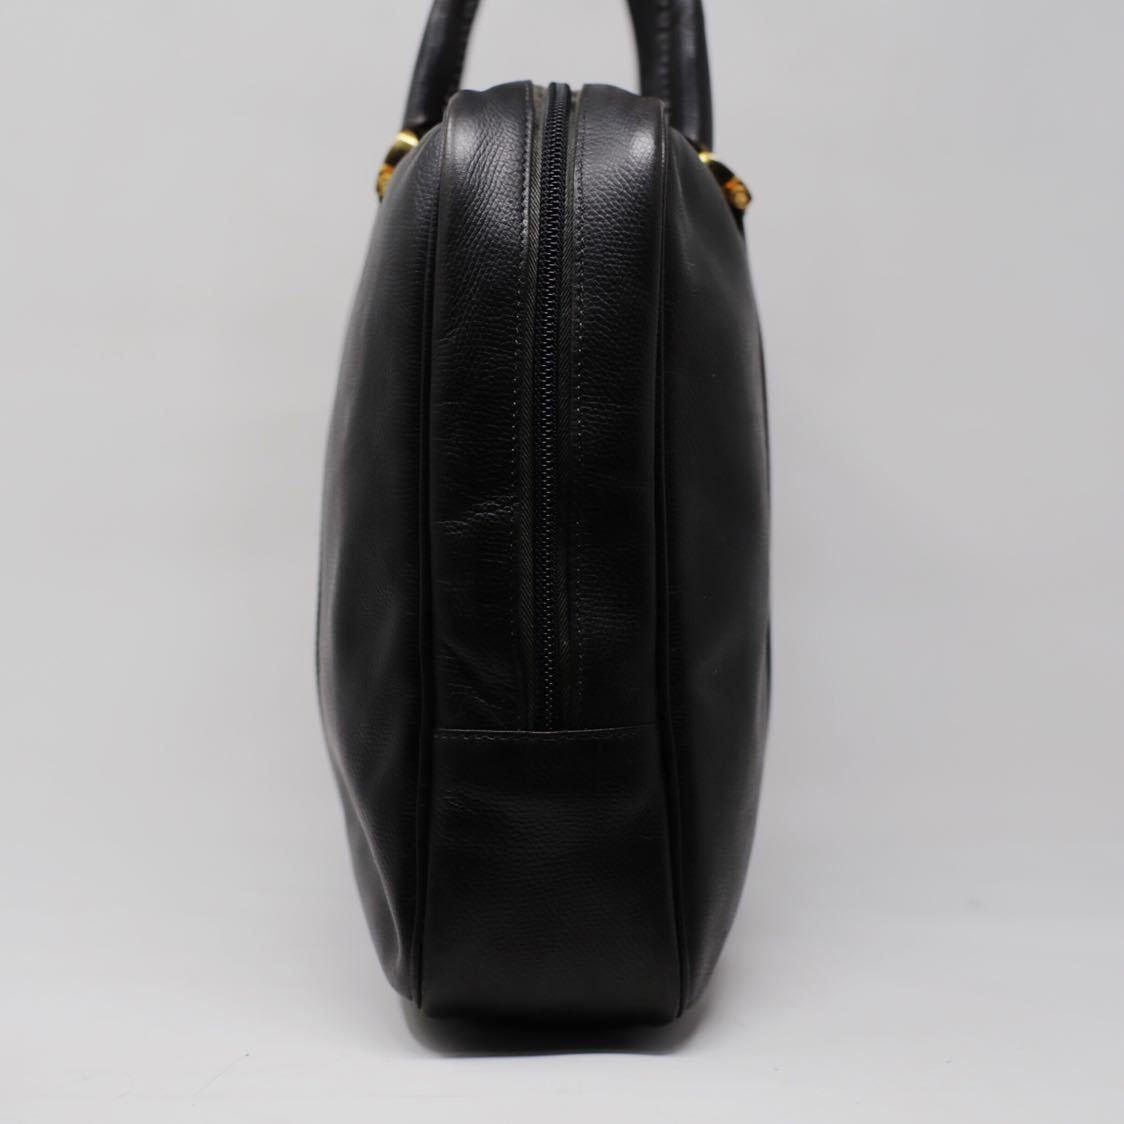 極美品 美品 A4収納 PC収納 LOEWE ロエベ ビジネスバッグ ブリーフケース 25万 メンズ カーフ レザー本革 黒 ブラック バッグ ビンテージ_画像4